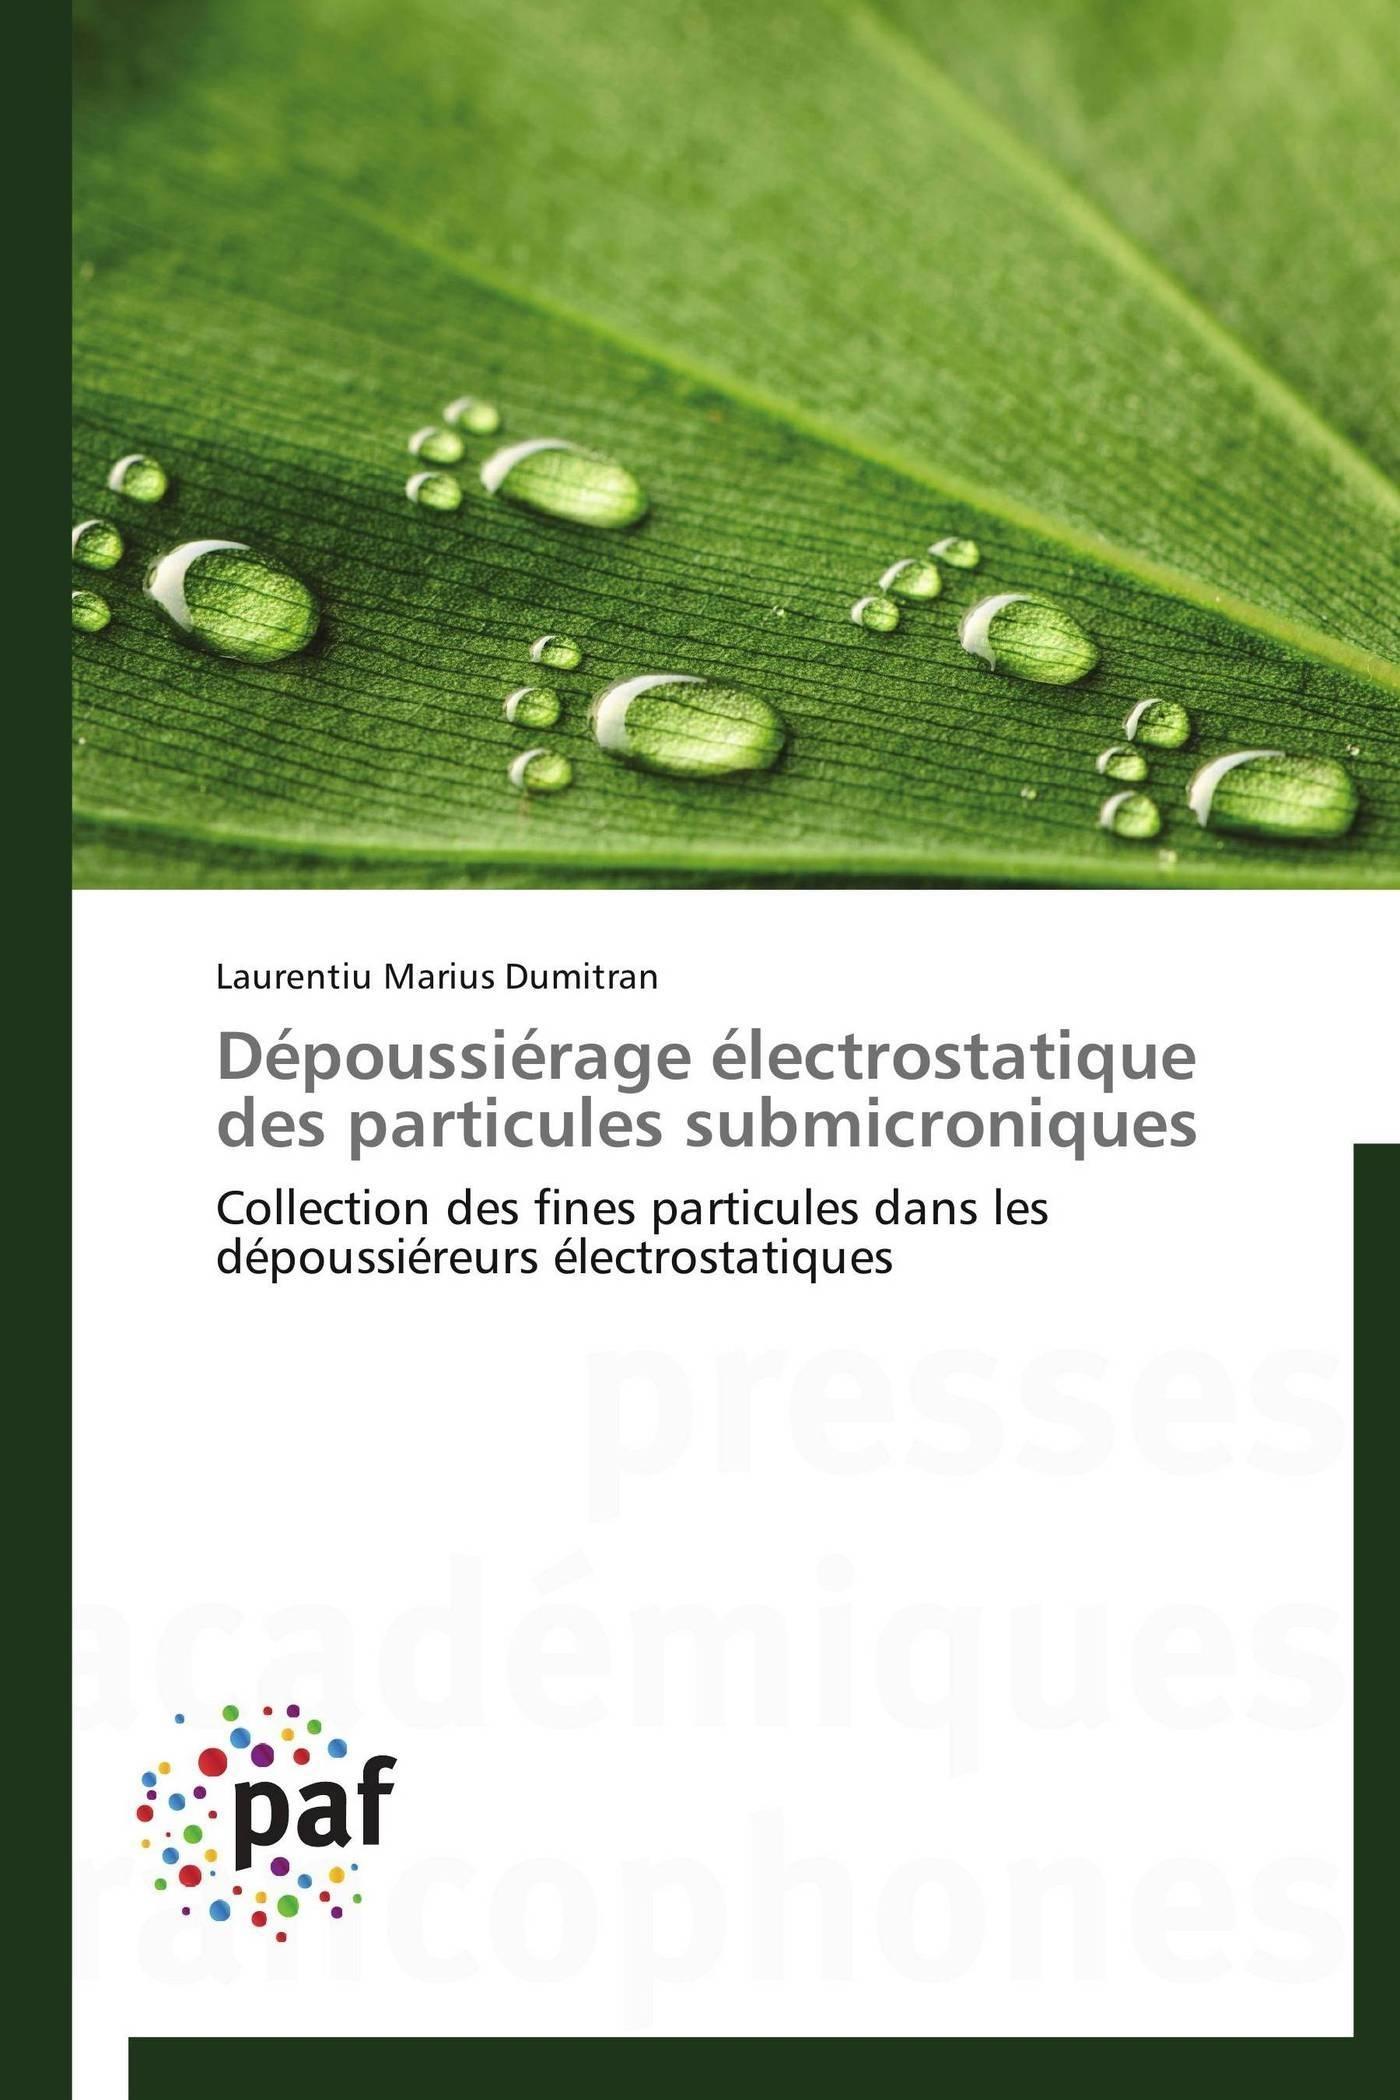 DEPOUSSIERAGE ELECTROSTATIQUE DES PARTICULES SUBMICRONIQUES